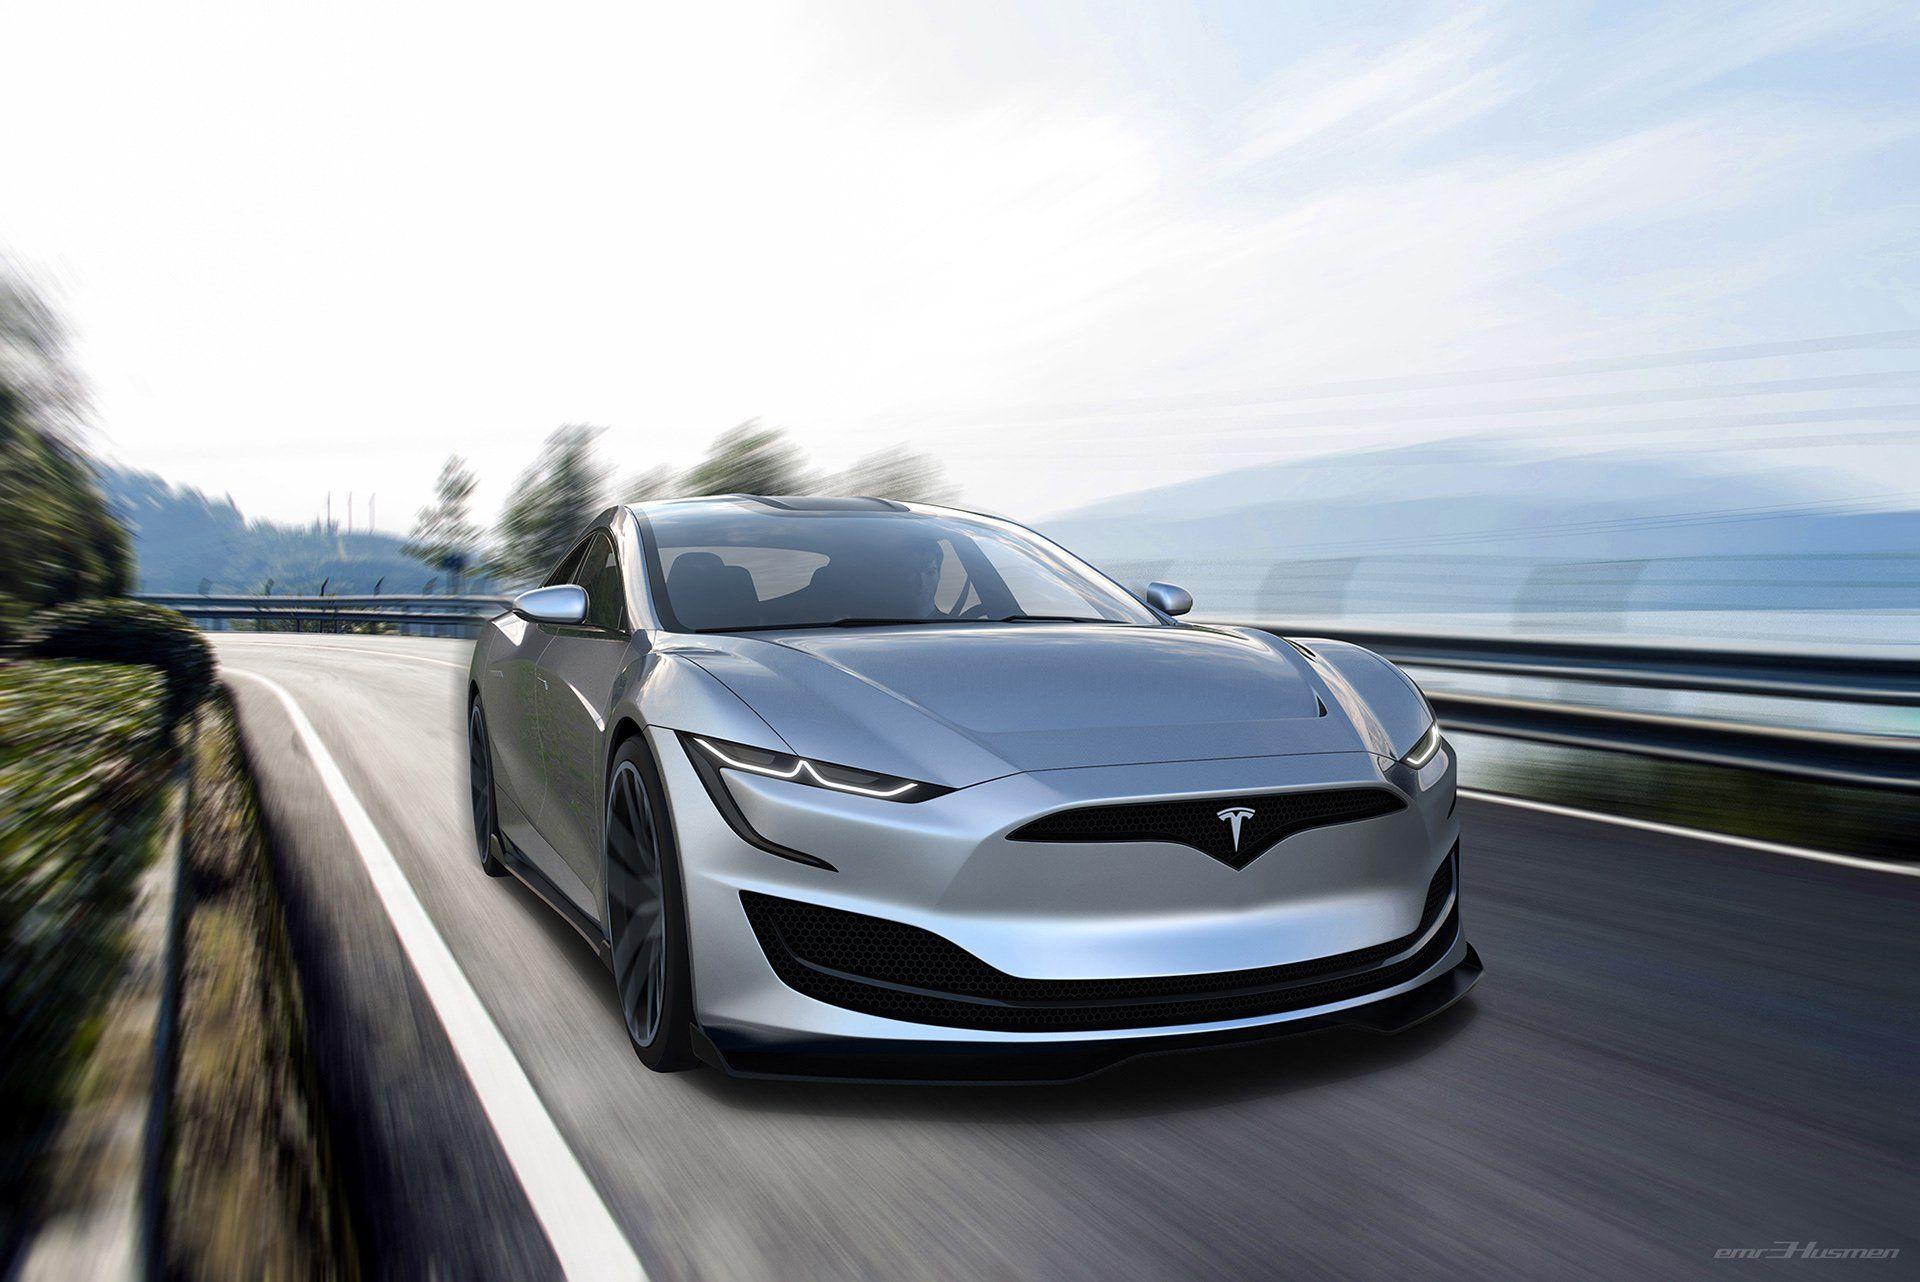 2020 Tesla Model S Speed Test